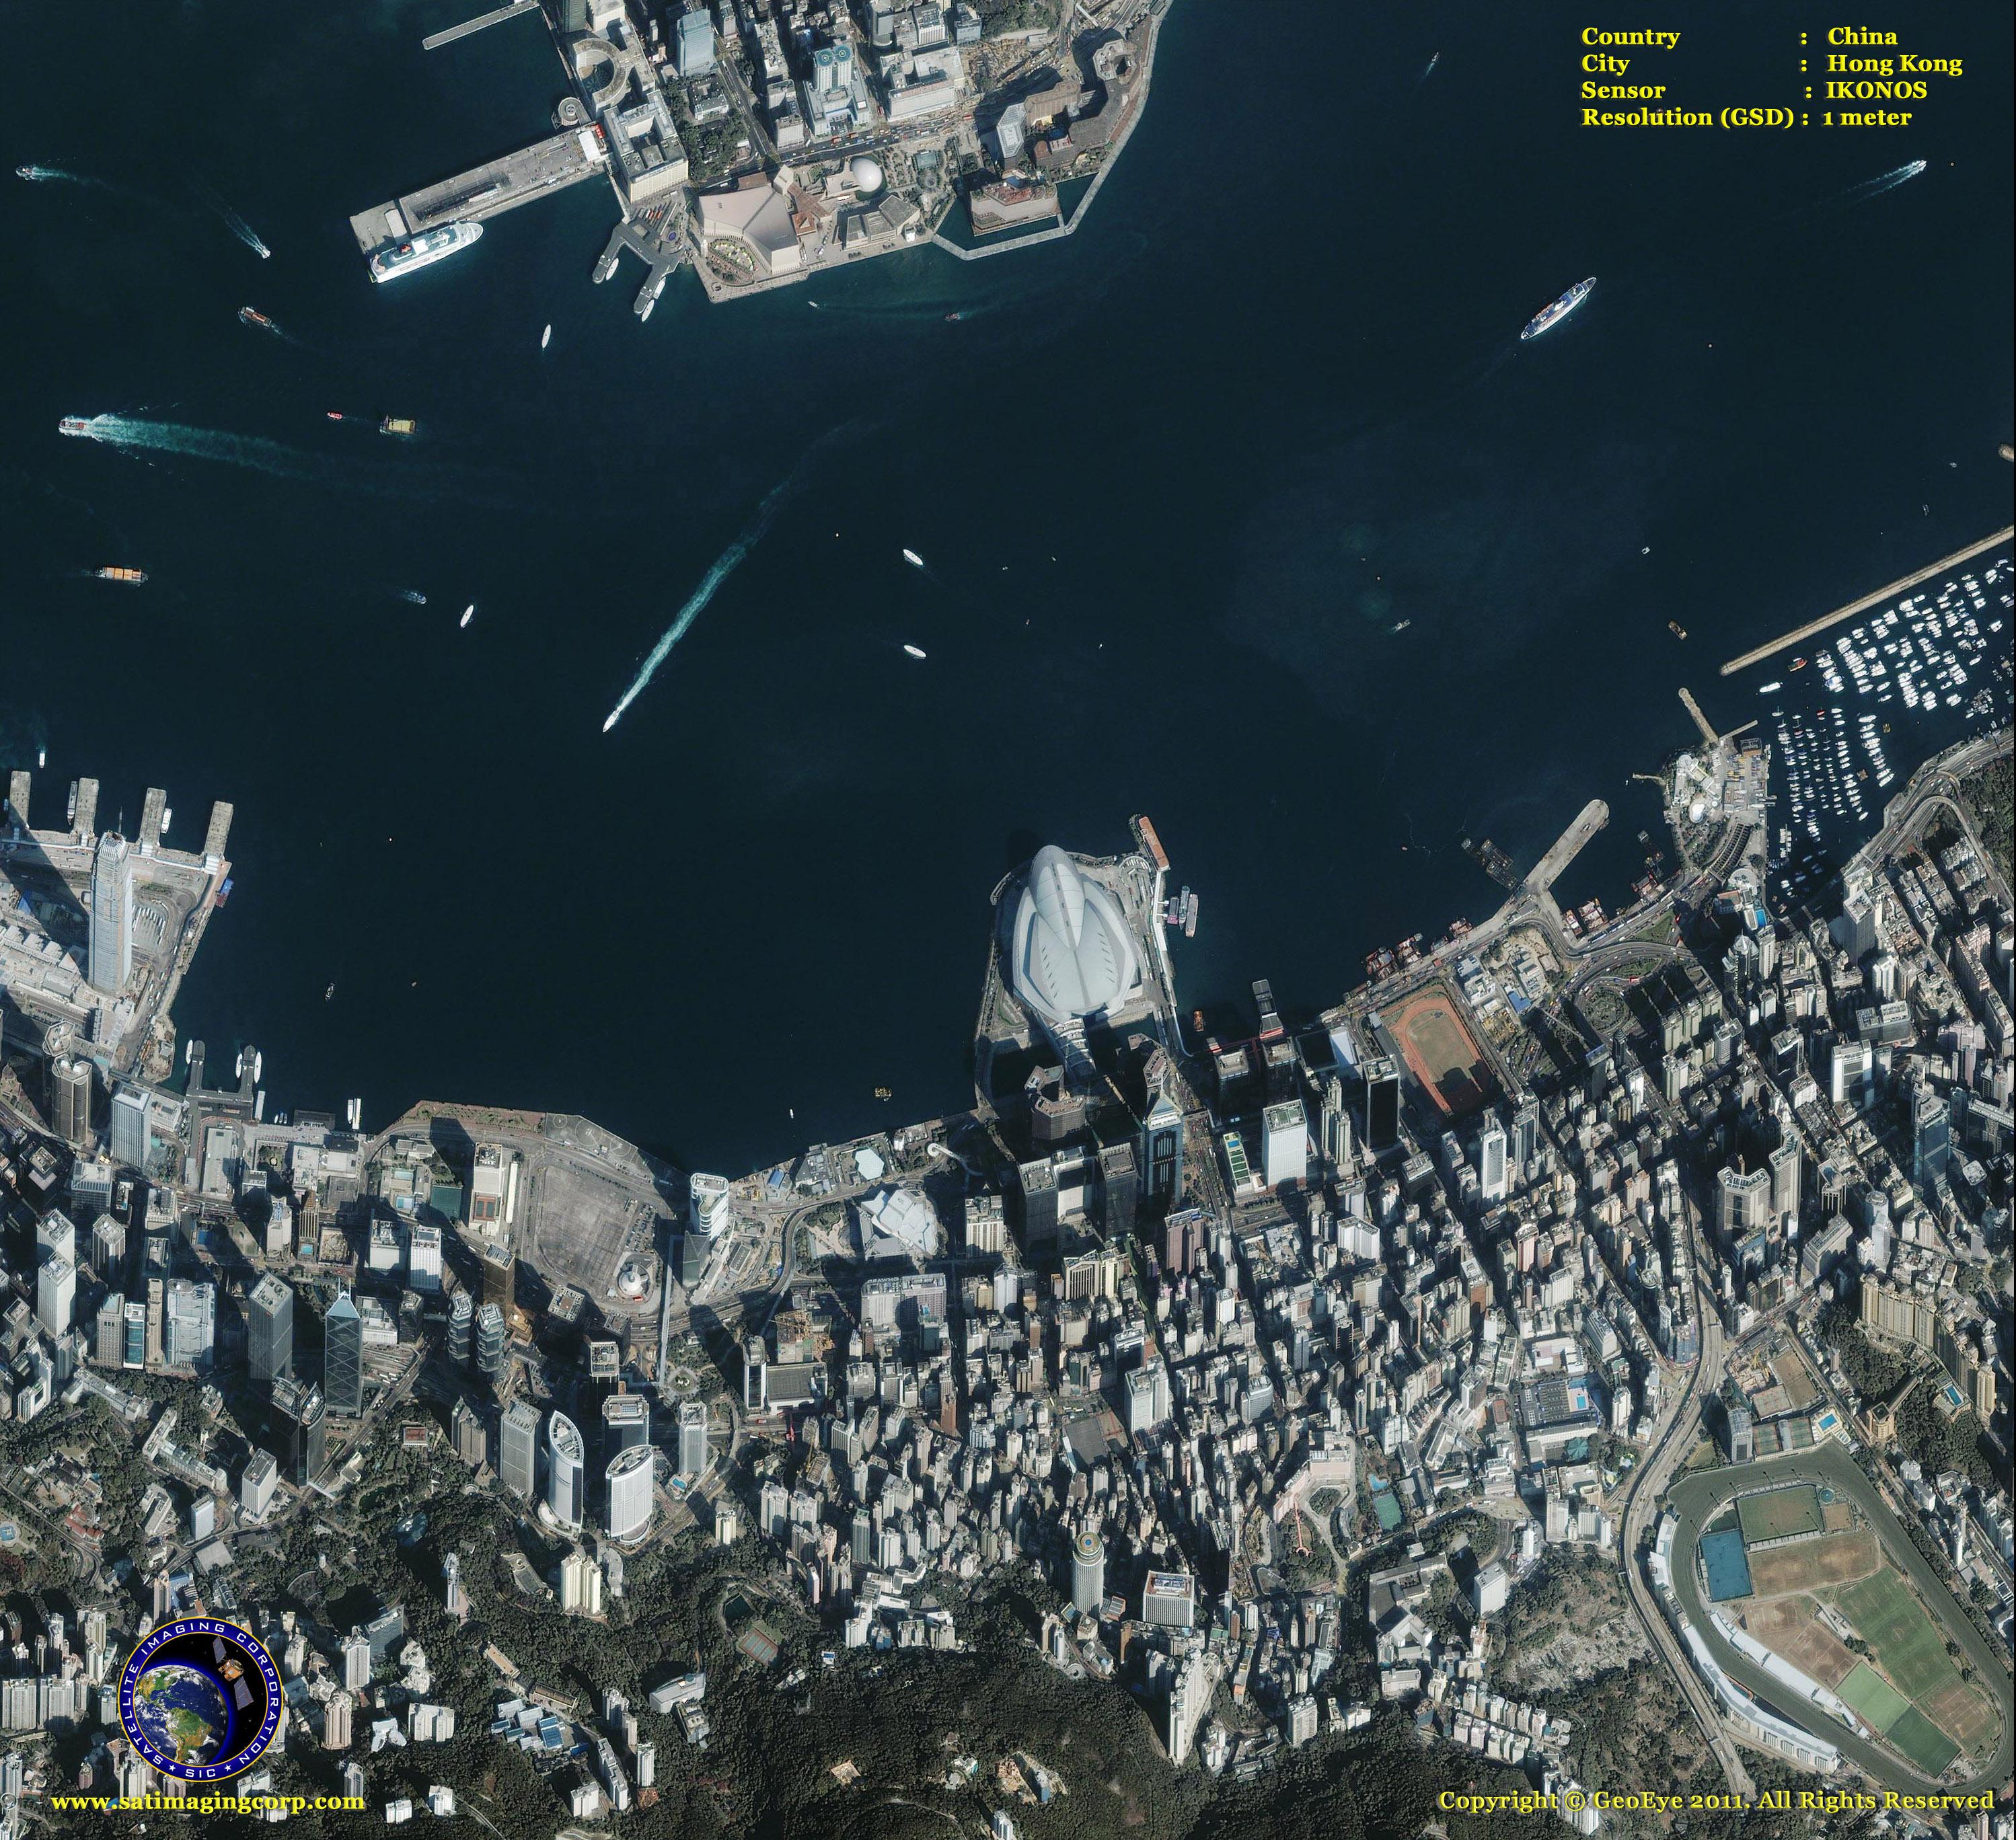 IKONOS Satellite Image Of Hong Kong